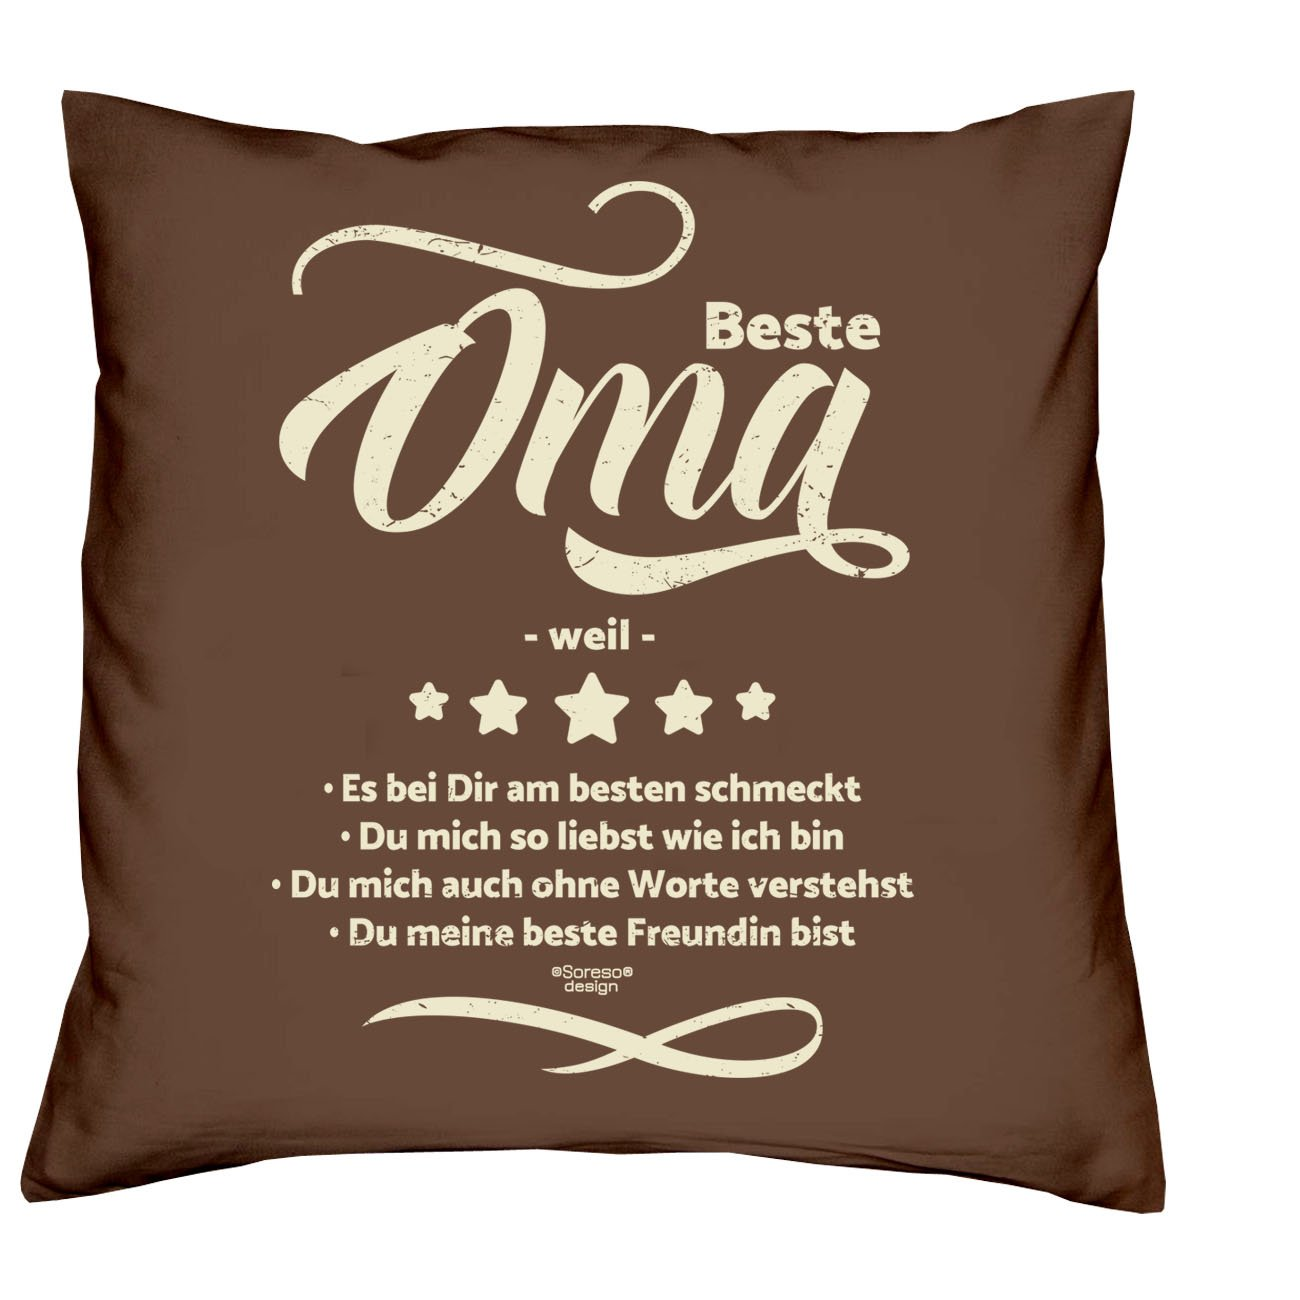 Soreso Design Oma & Opa -:- 2 Kissen inklusive Füllung -:- 2 ...